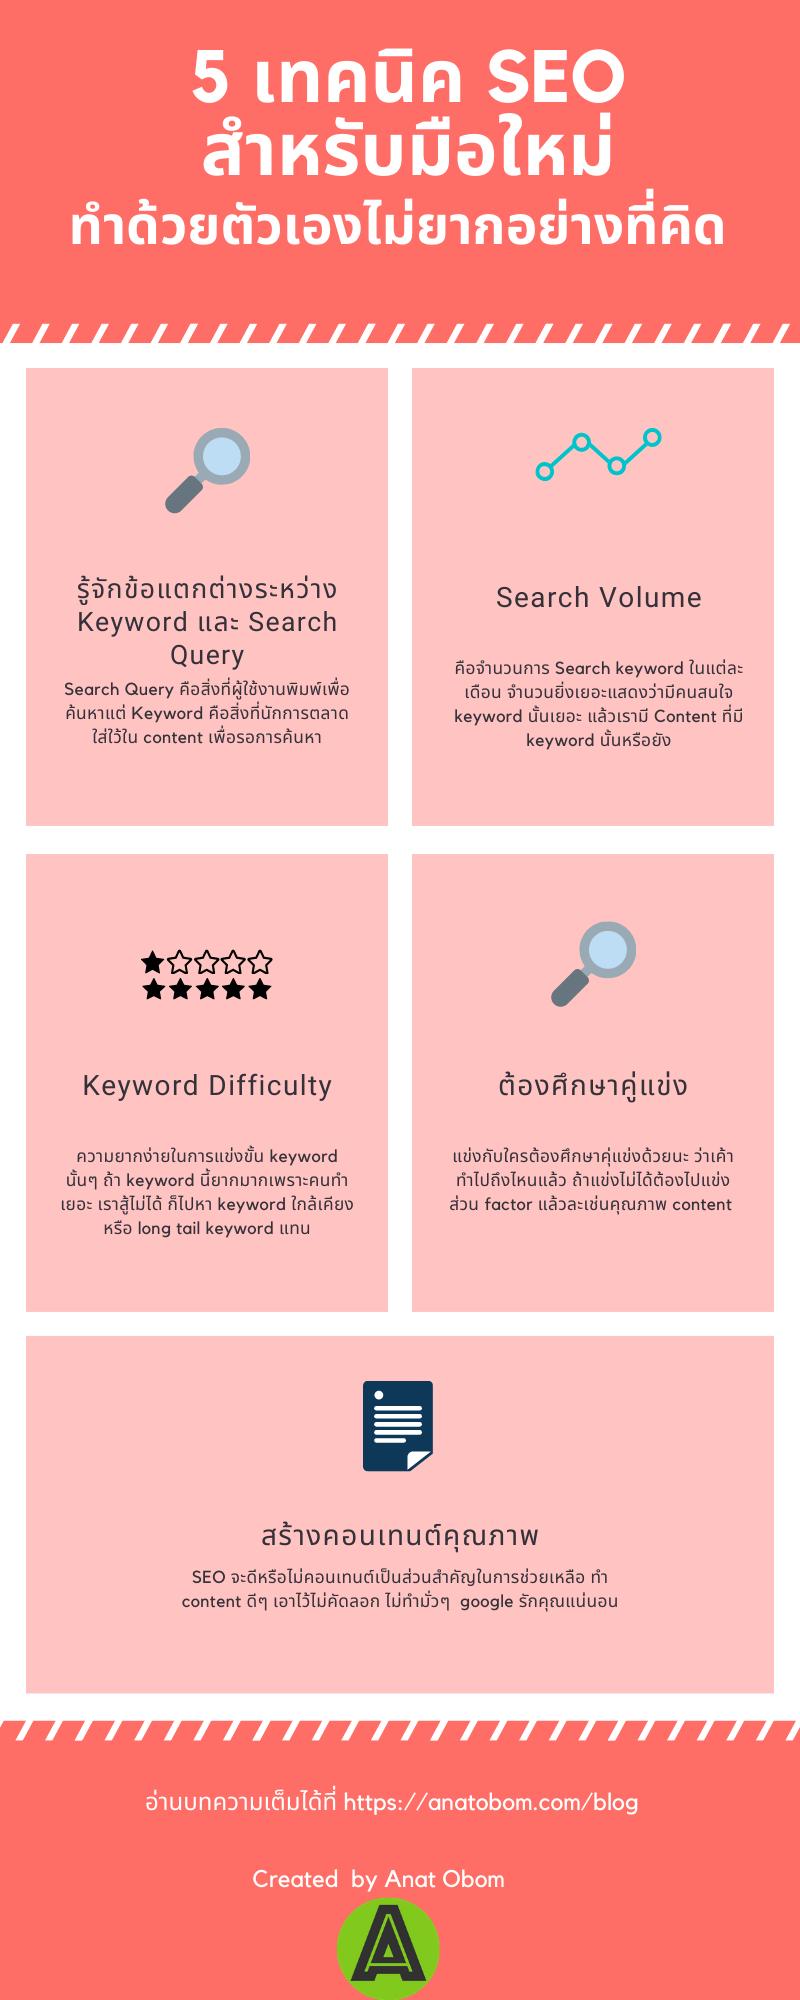 infographic 5 เทคนิค SEO สำหรับมือใหม่ ทำด้วยตัวเองไม่ยากอย่างที่คิด